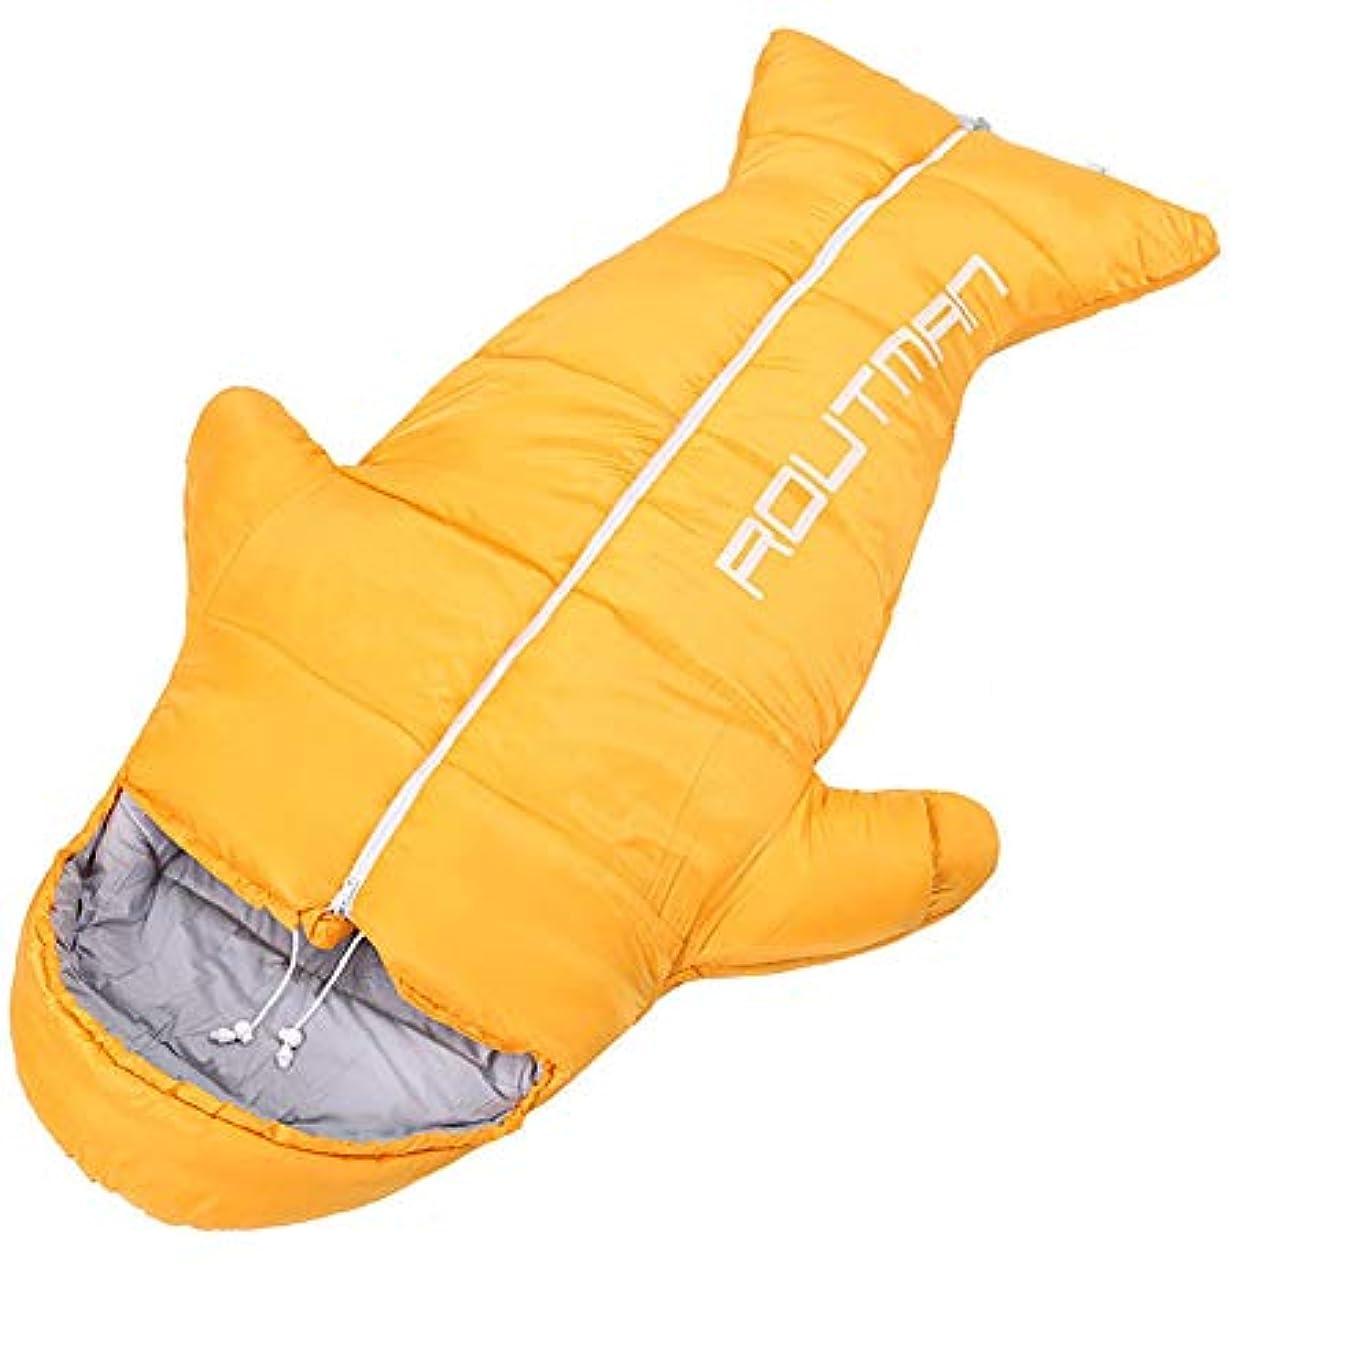 連帯モンゴメリー番目Durable,breathable,comfortable寝袋、厚い暖かい子供睡眠袋屋内昼食休憩スリーピングパッドアンチキックキルト屋外キャンプ睡眠袋10° c ?15° c,orange,155*60cm